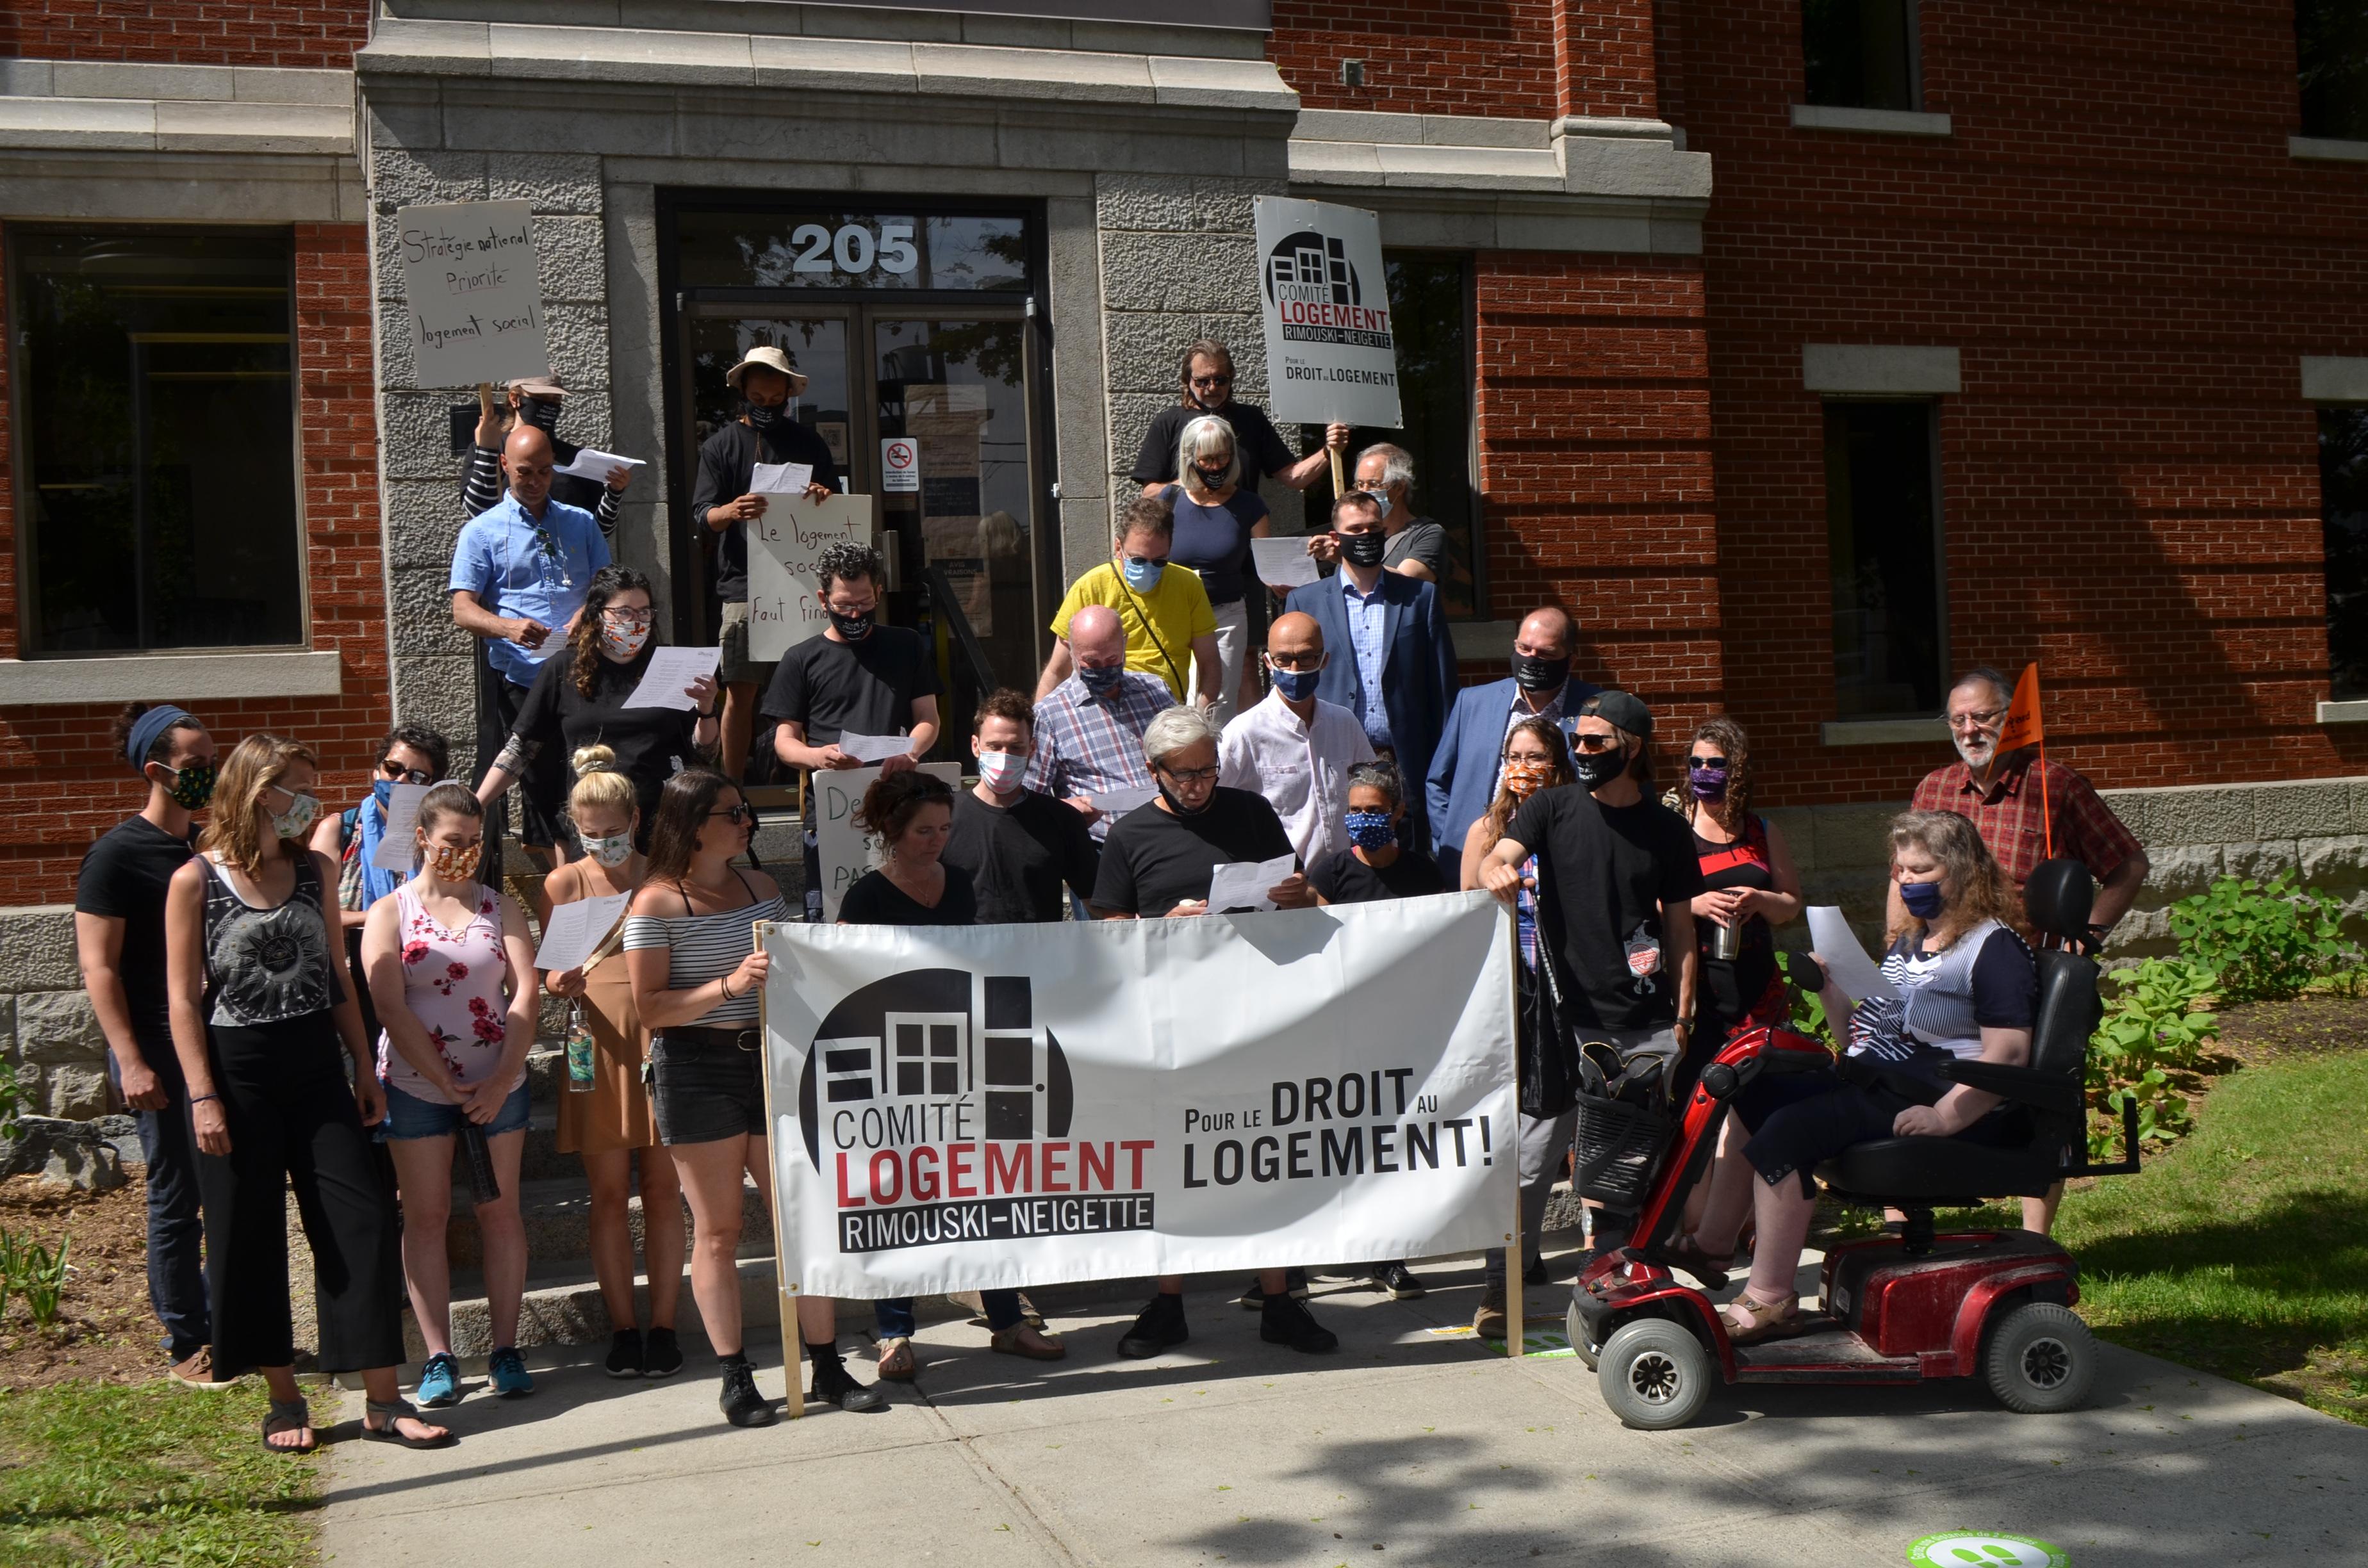 Le Comité logement Rimouski-Neigette demande au gouvernement Legault de profiter de son plan de relance post-pandémie pour financer un grand chantier de logement social.